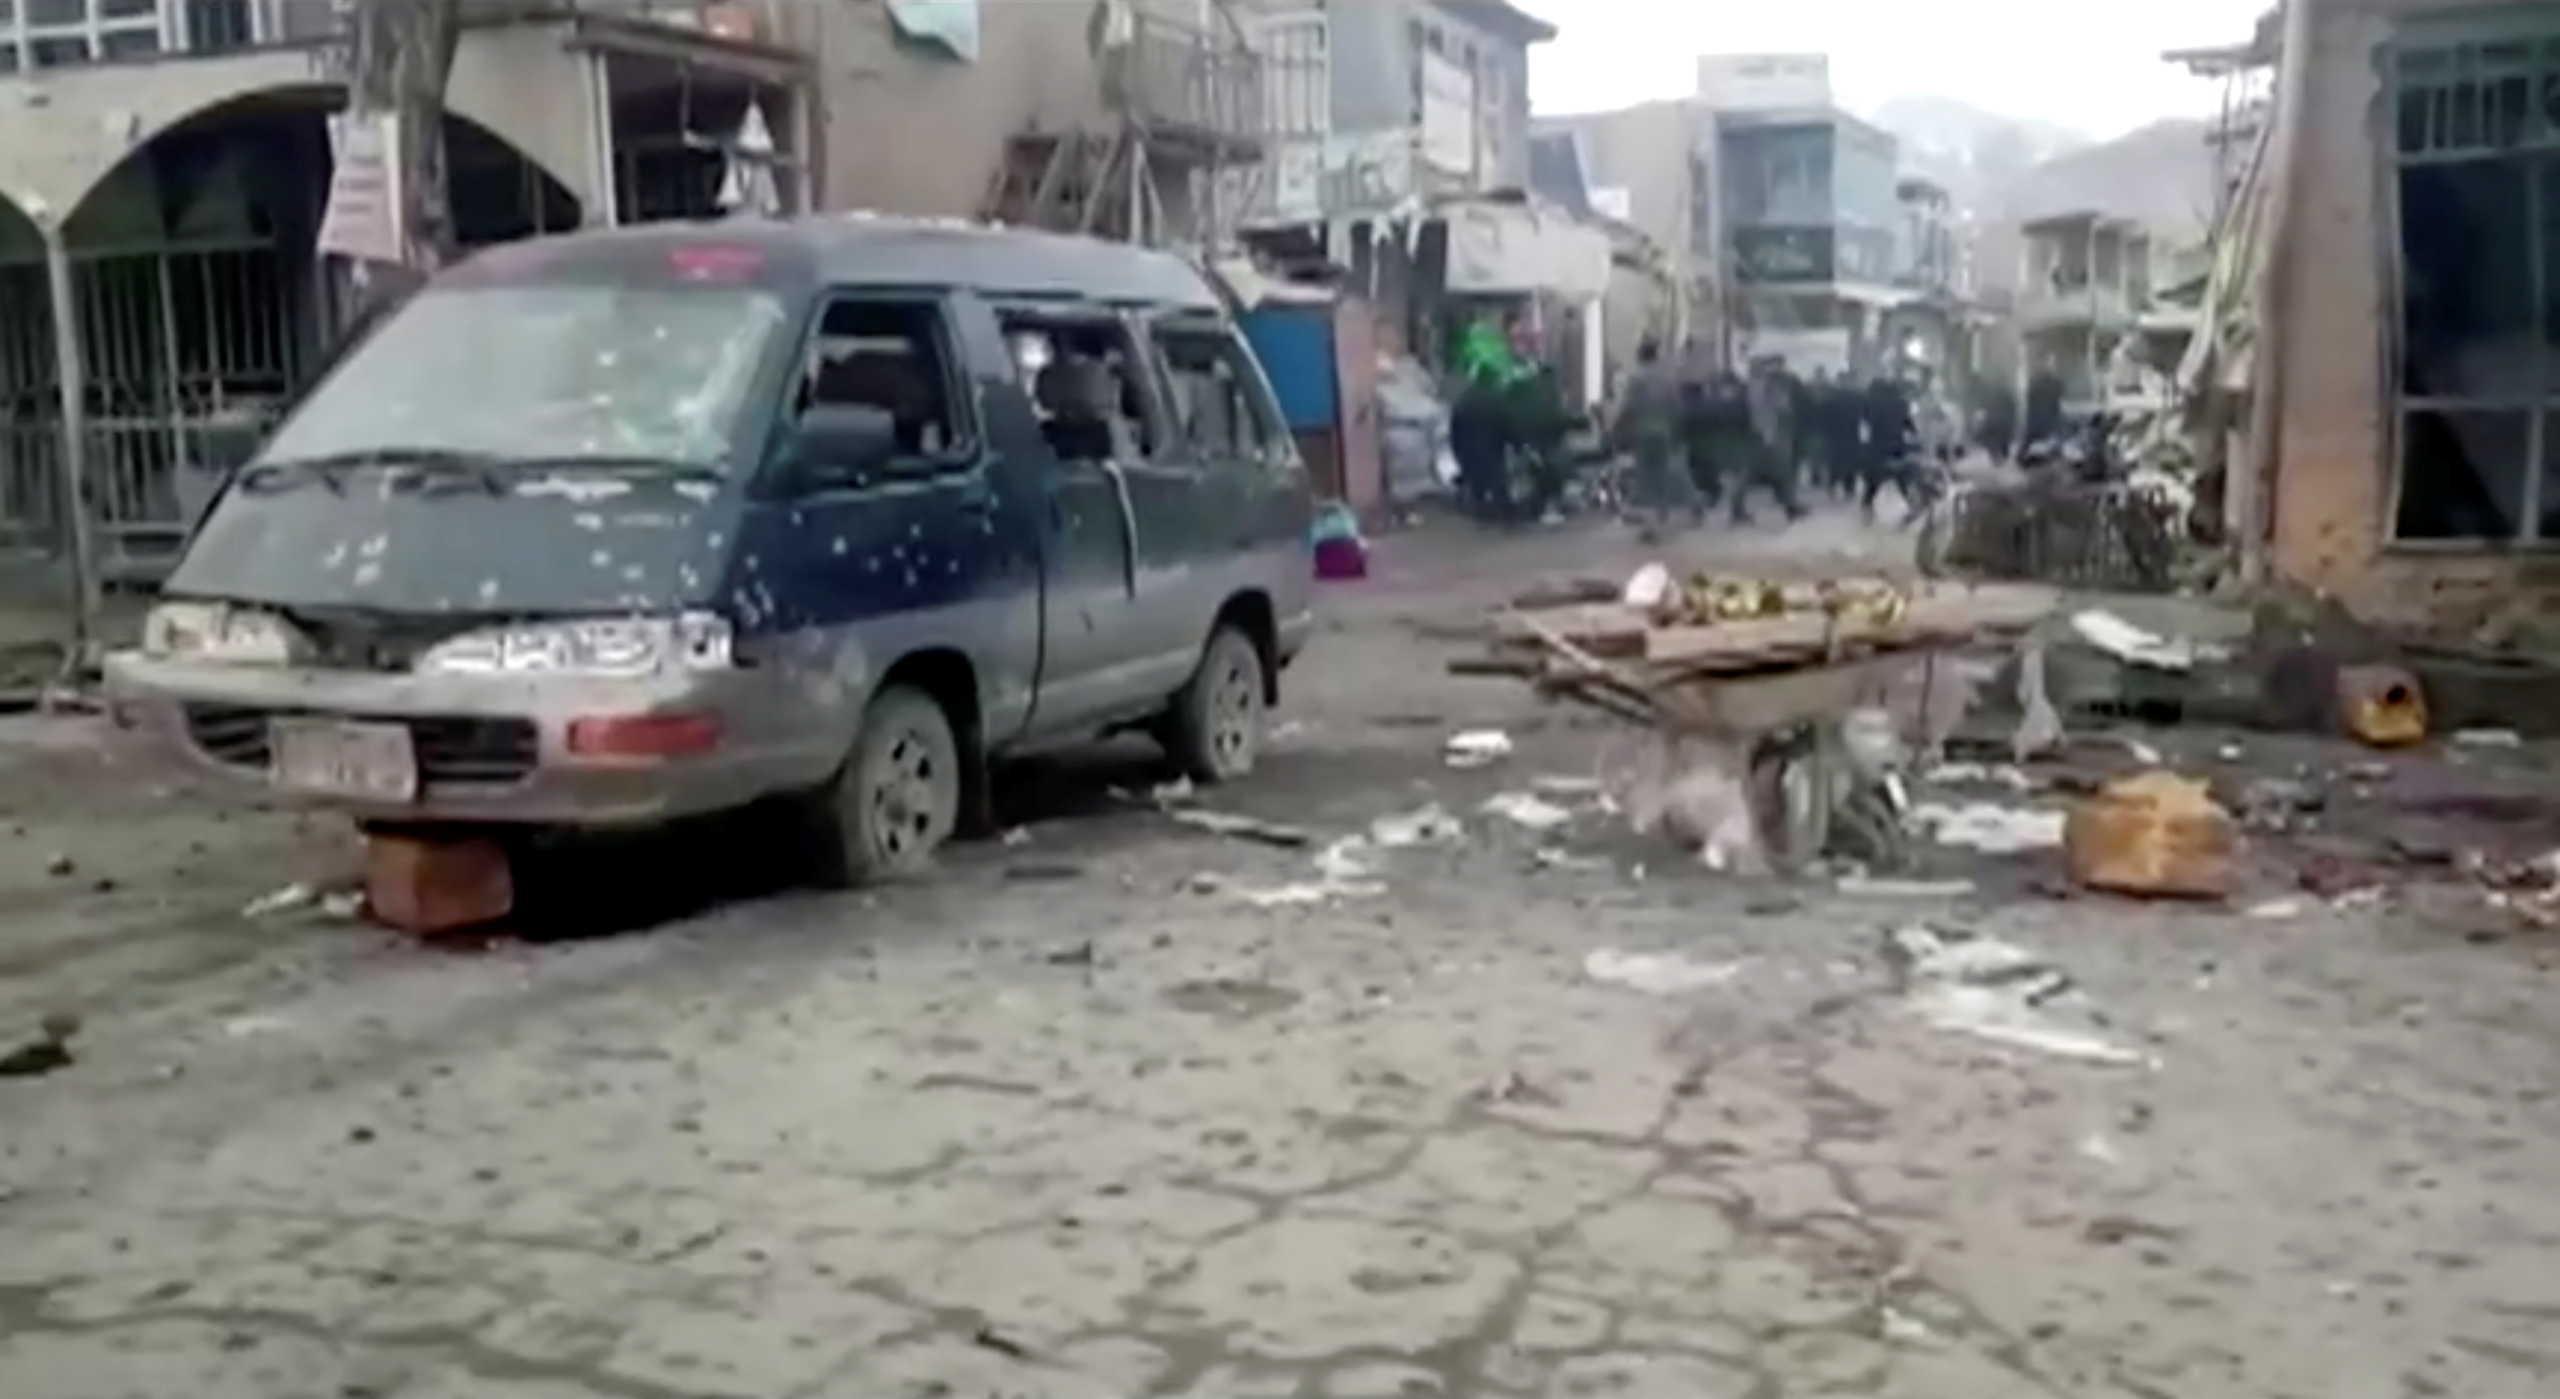 Λουτρό αίματος στη Συρία – Πέντε νεκροί από έκρηξη παγιδευμένου αυτοκινήτου